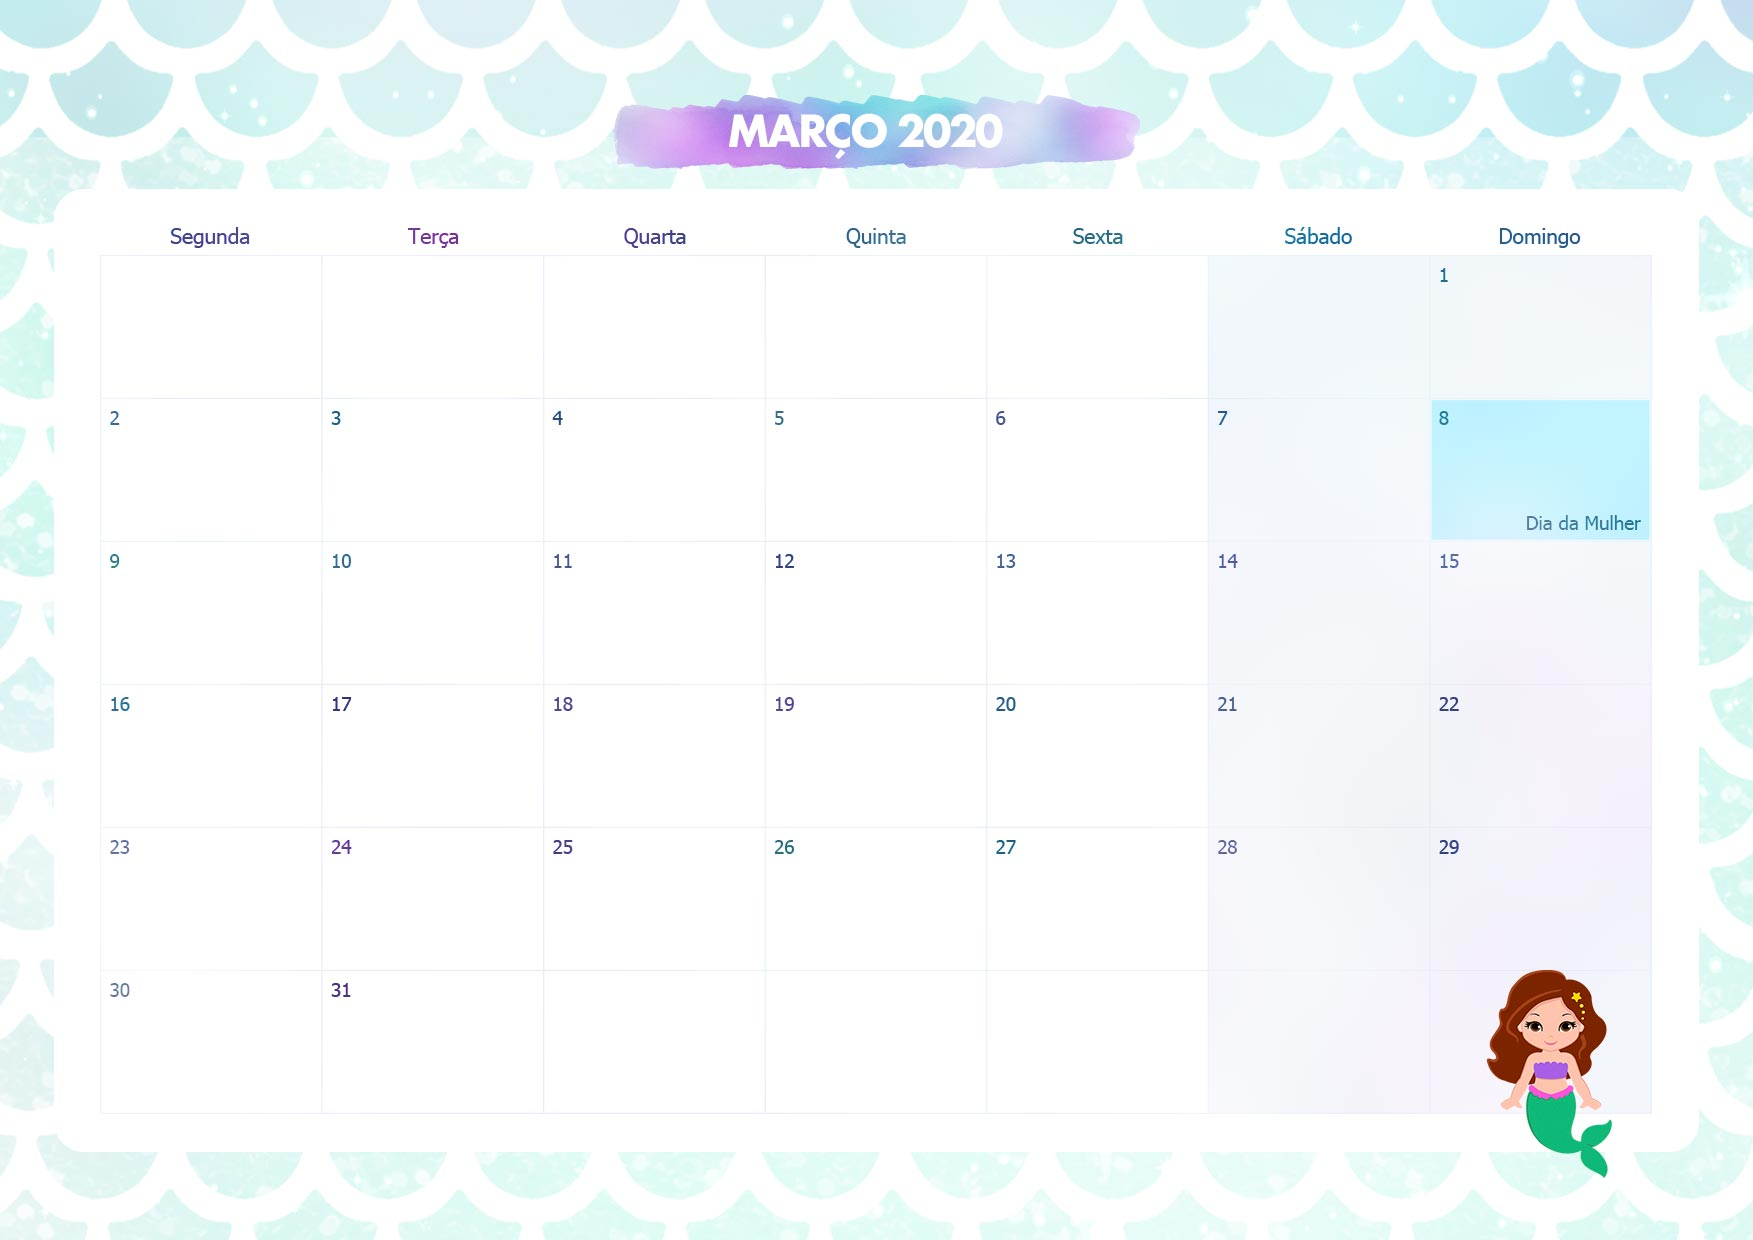 Calendario Mensal Sereia Marco 2020